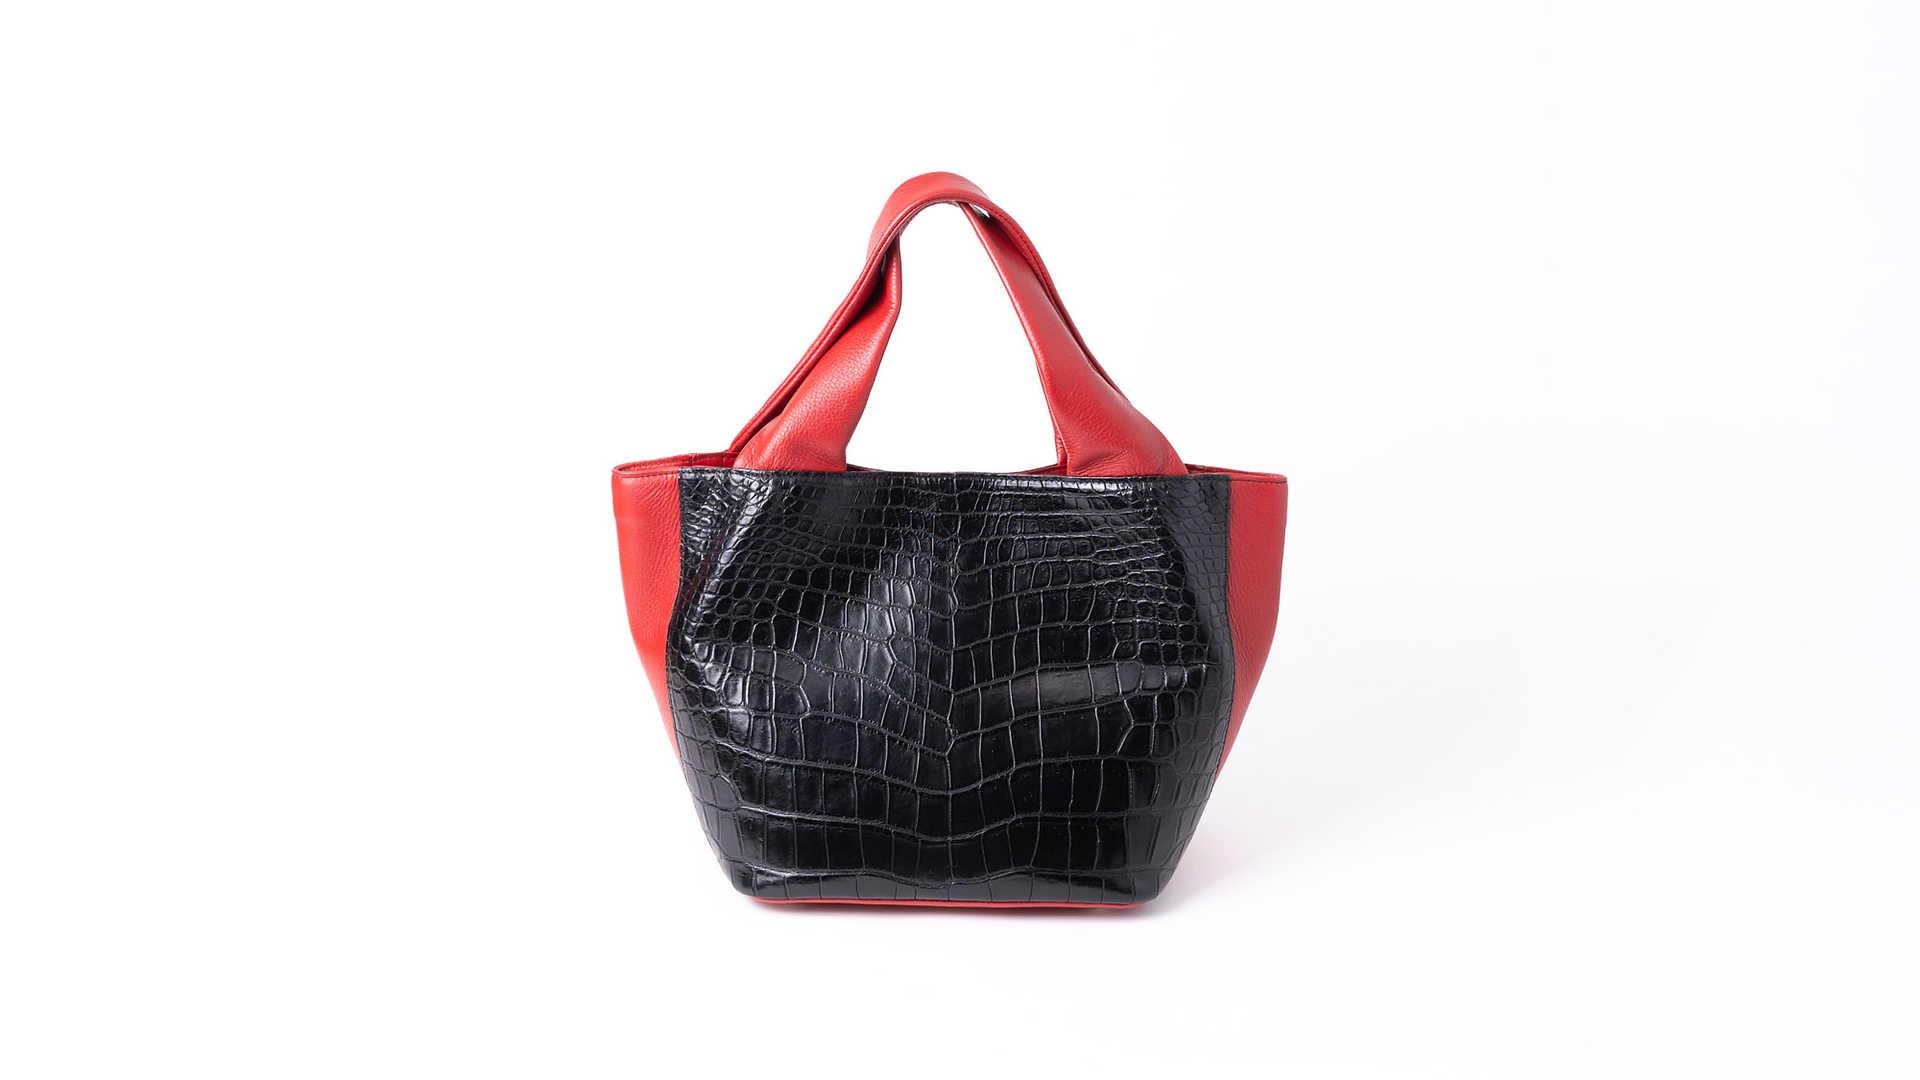 クロコダイルのレディースバッグ